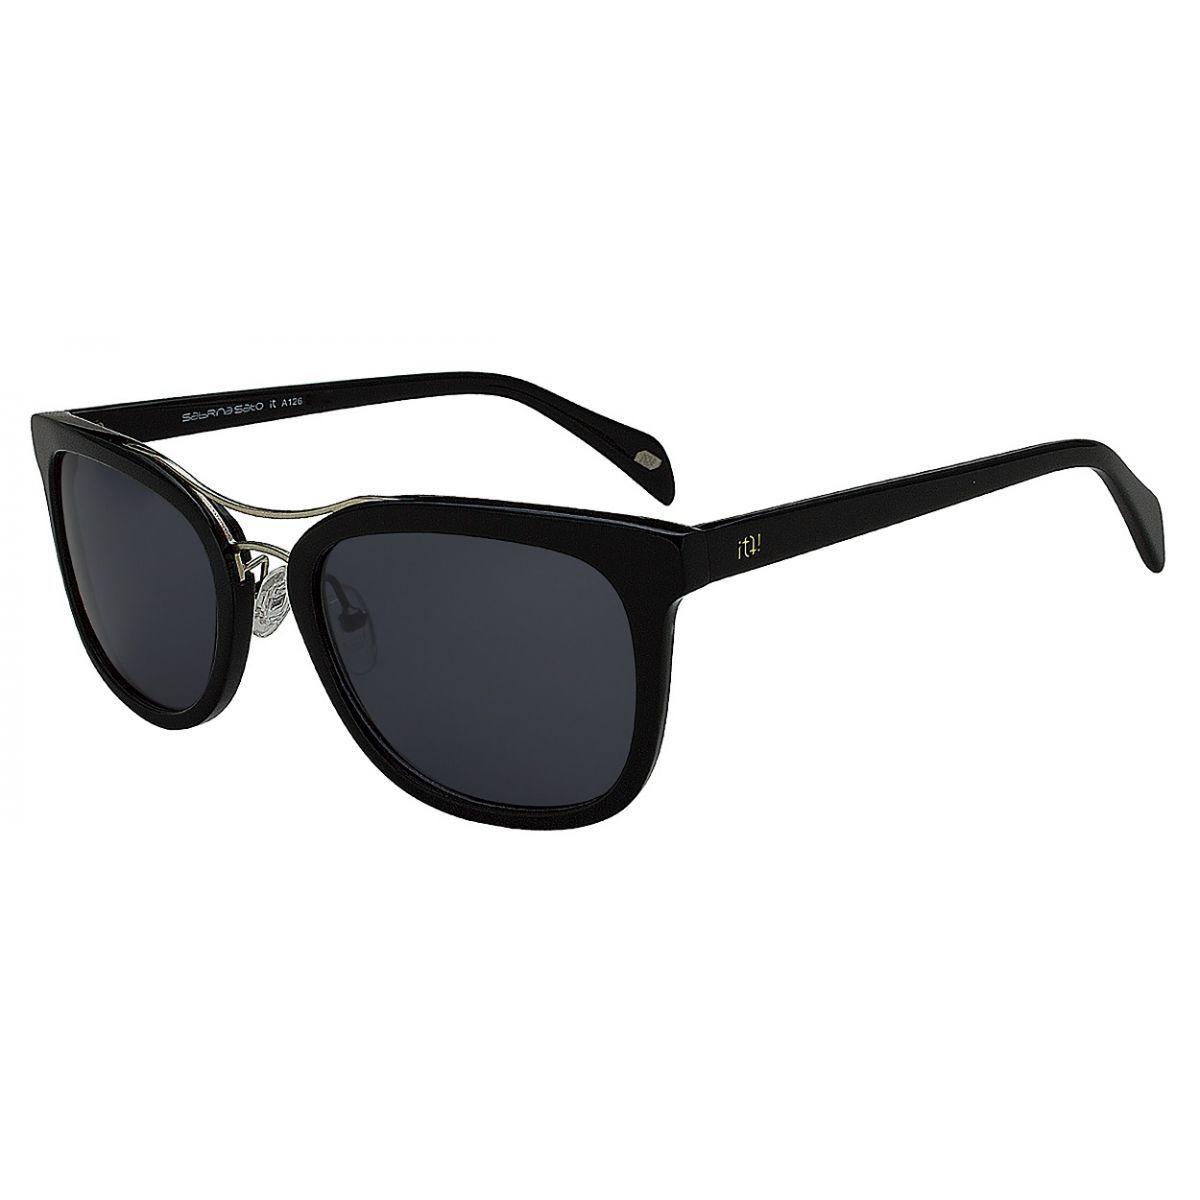 Oculos Solar It Sabrina Sato Charlote A126 C1 52 7 Preto Brilhoso ... 95b4d3ca90